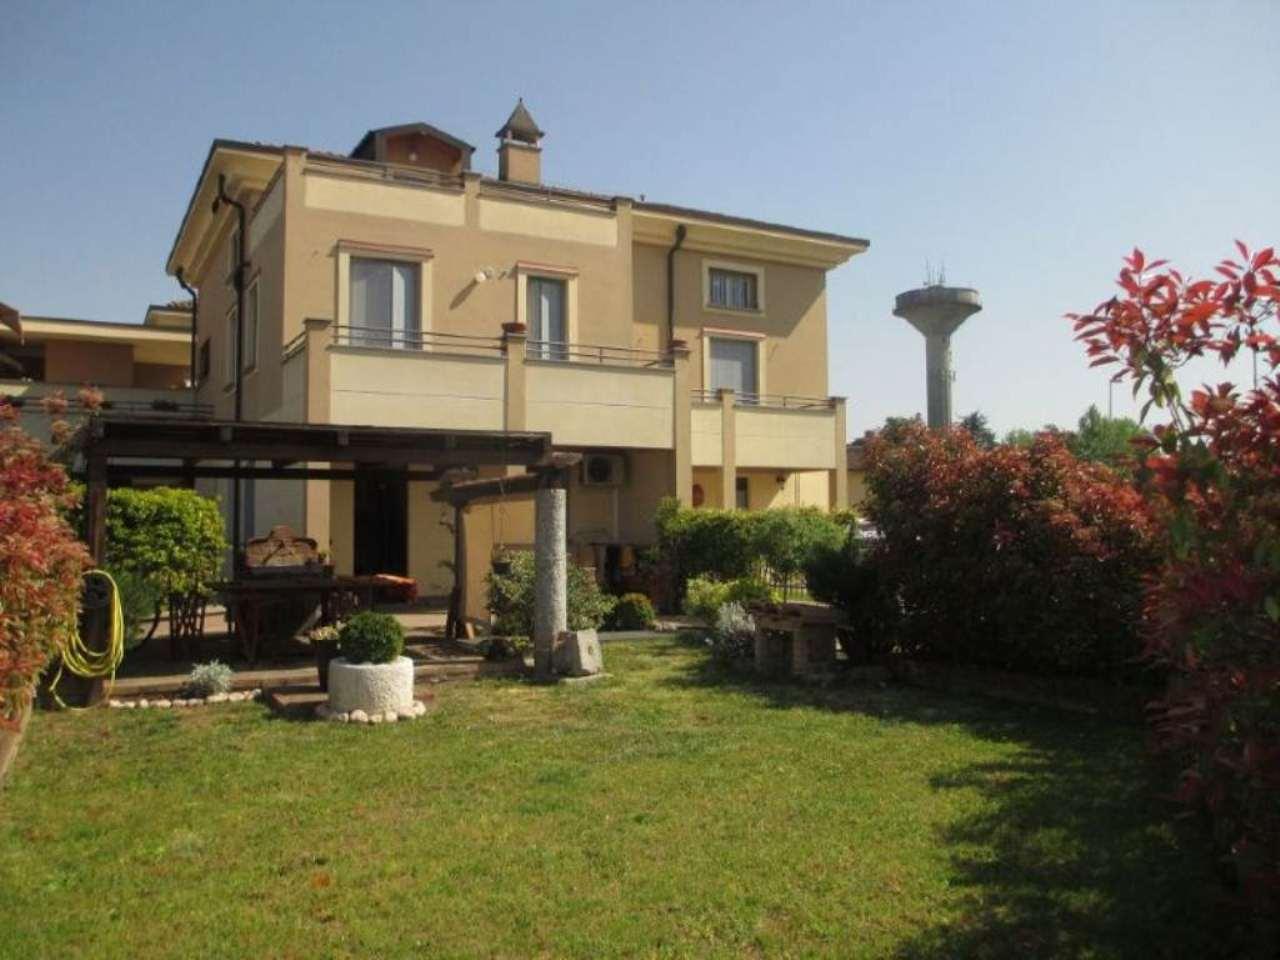 Villa in vendita a Soresina, 3 locali, prezzo € 155.000 | Cambio Casa.it